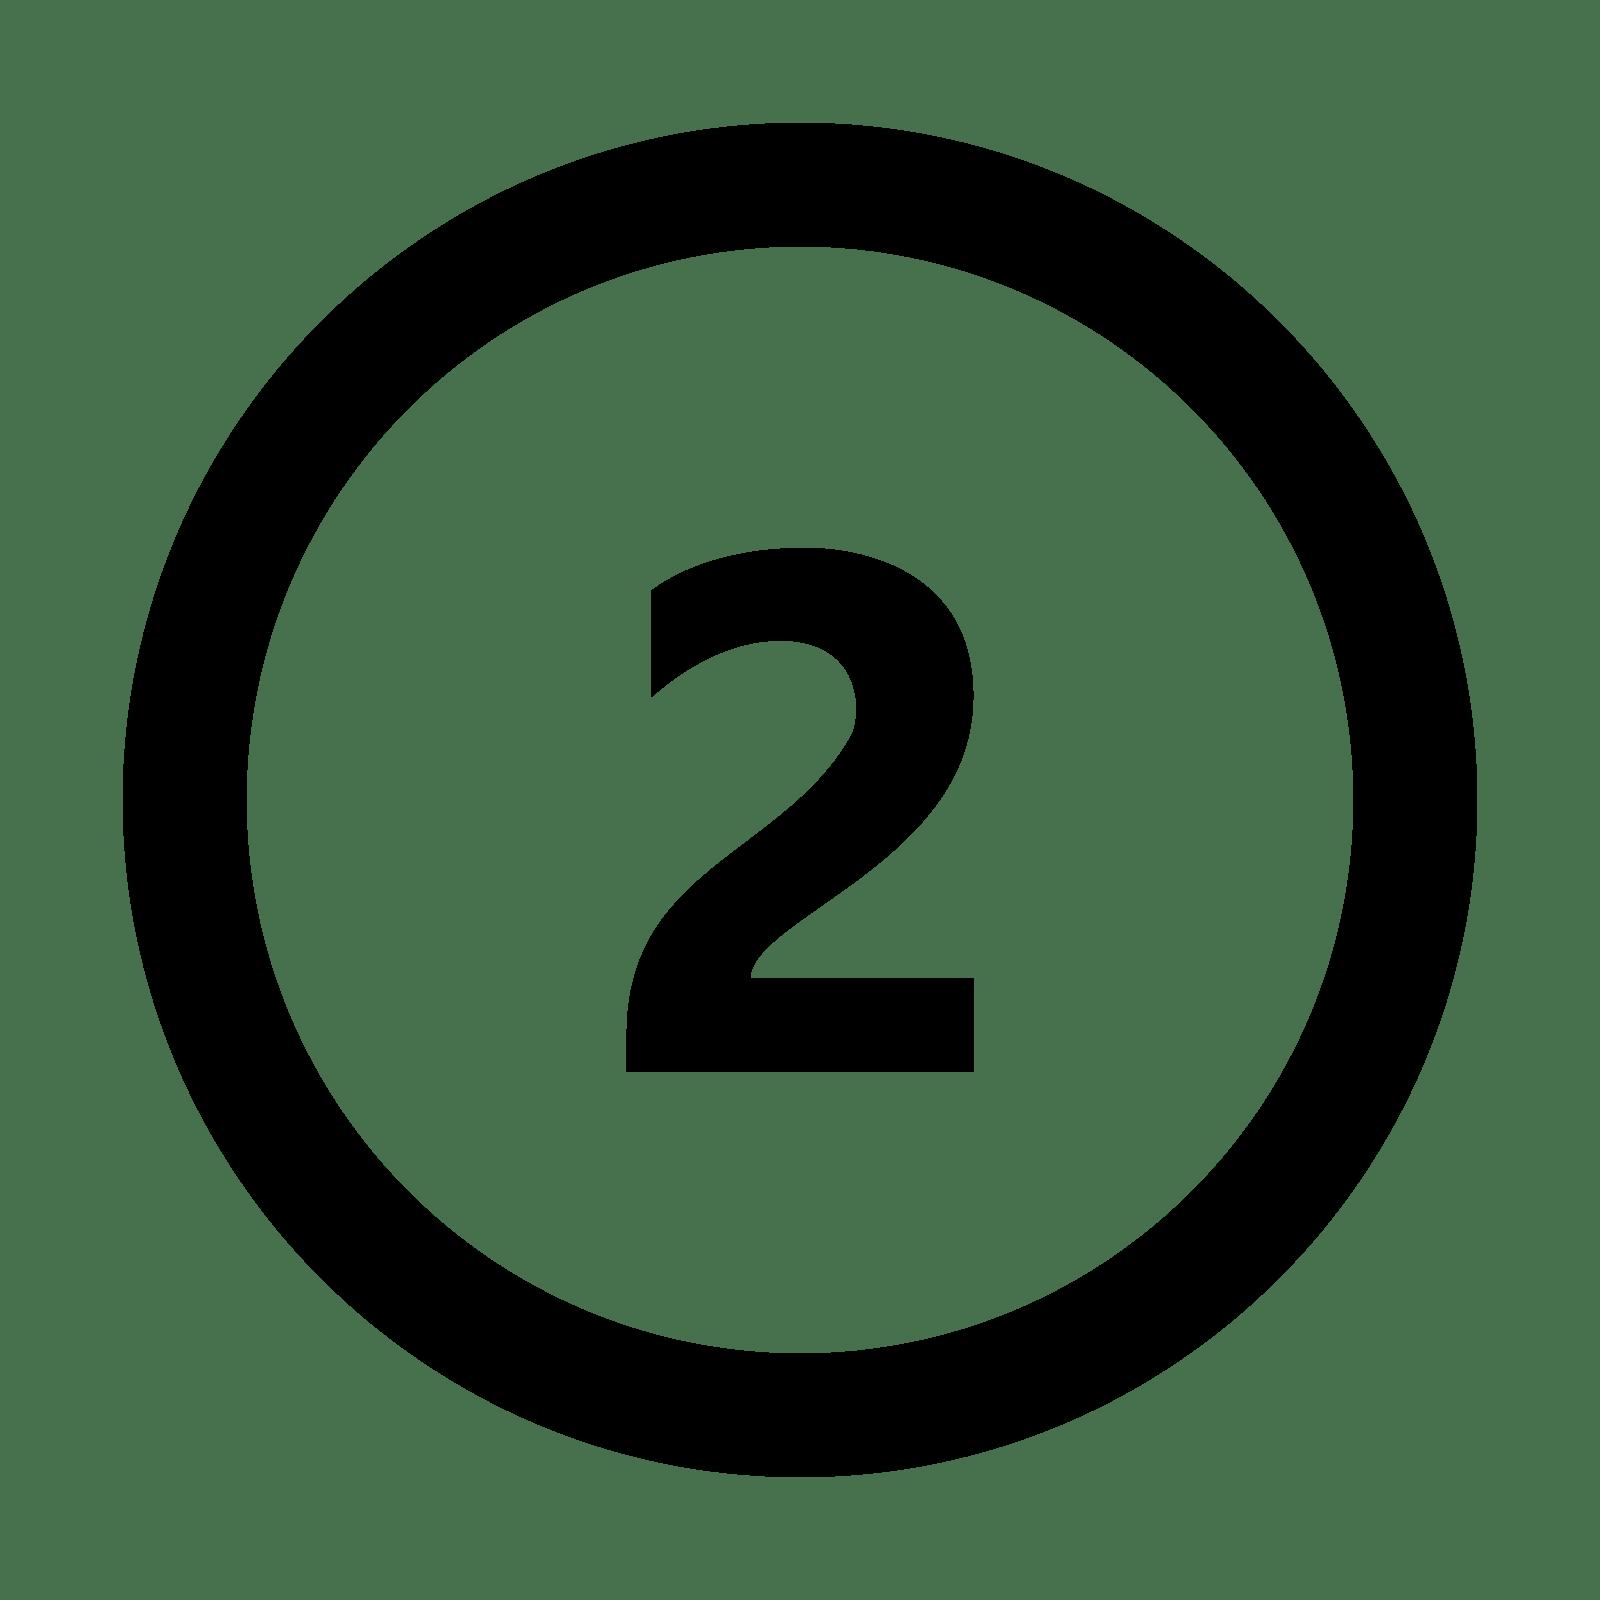 Circled 2 Icon